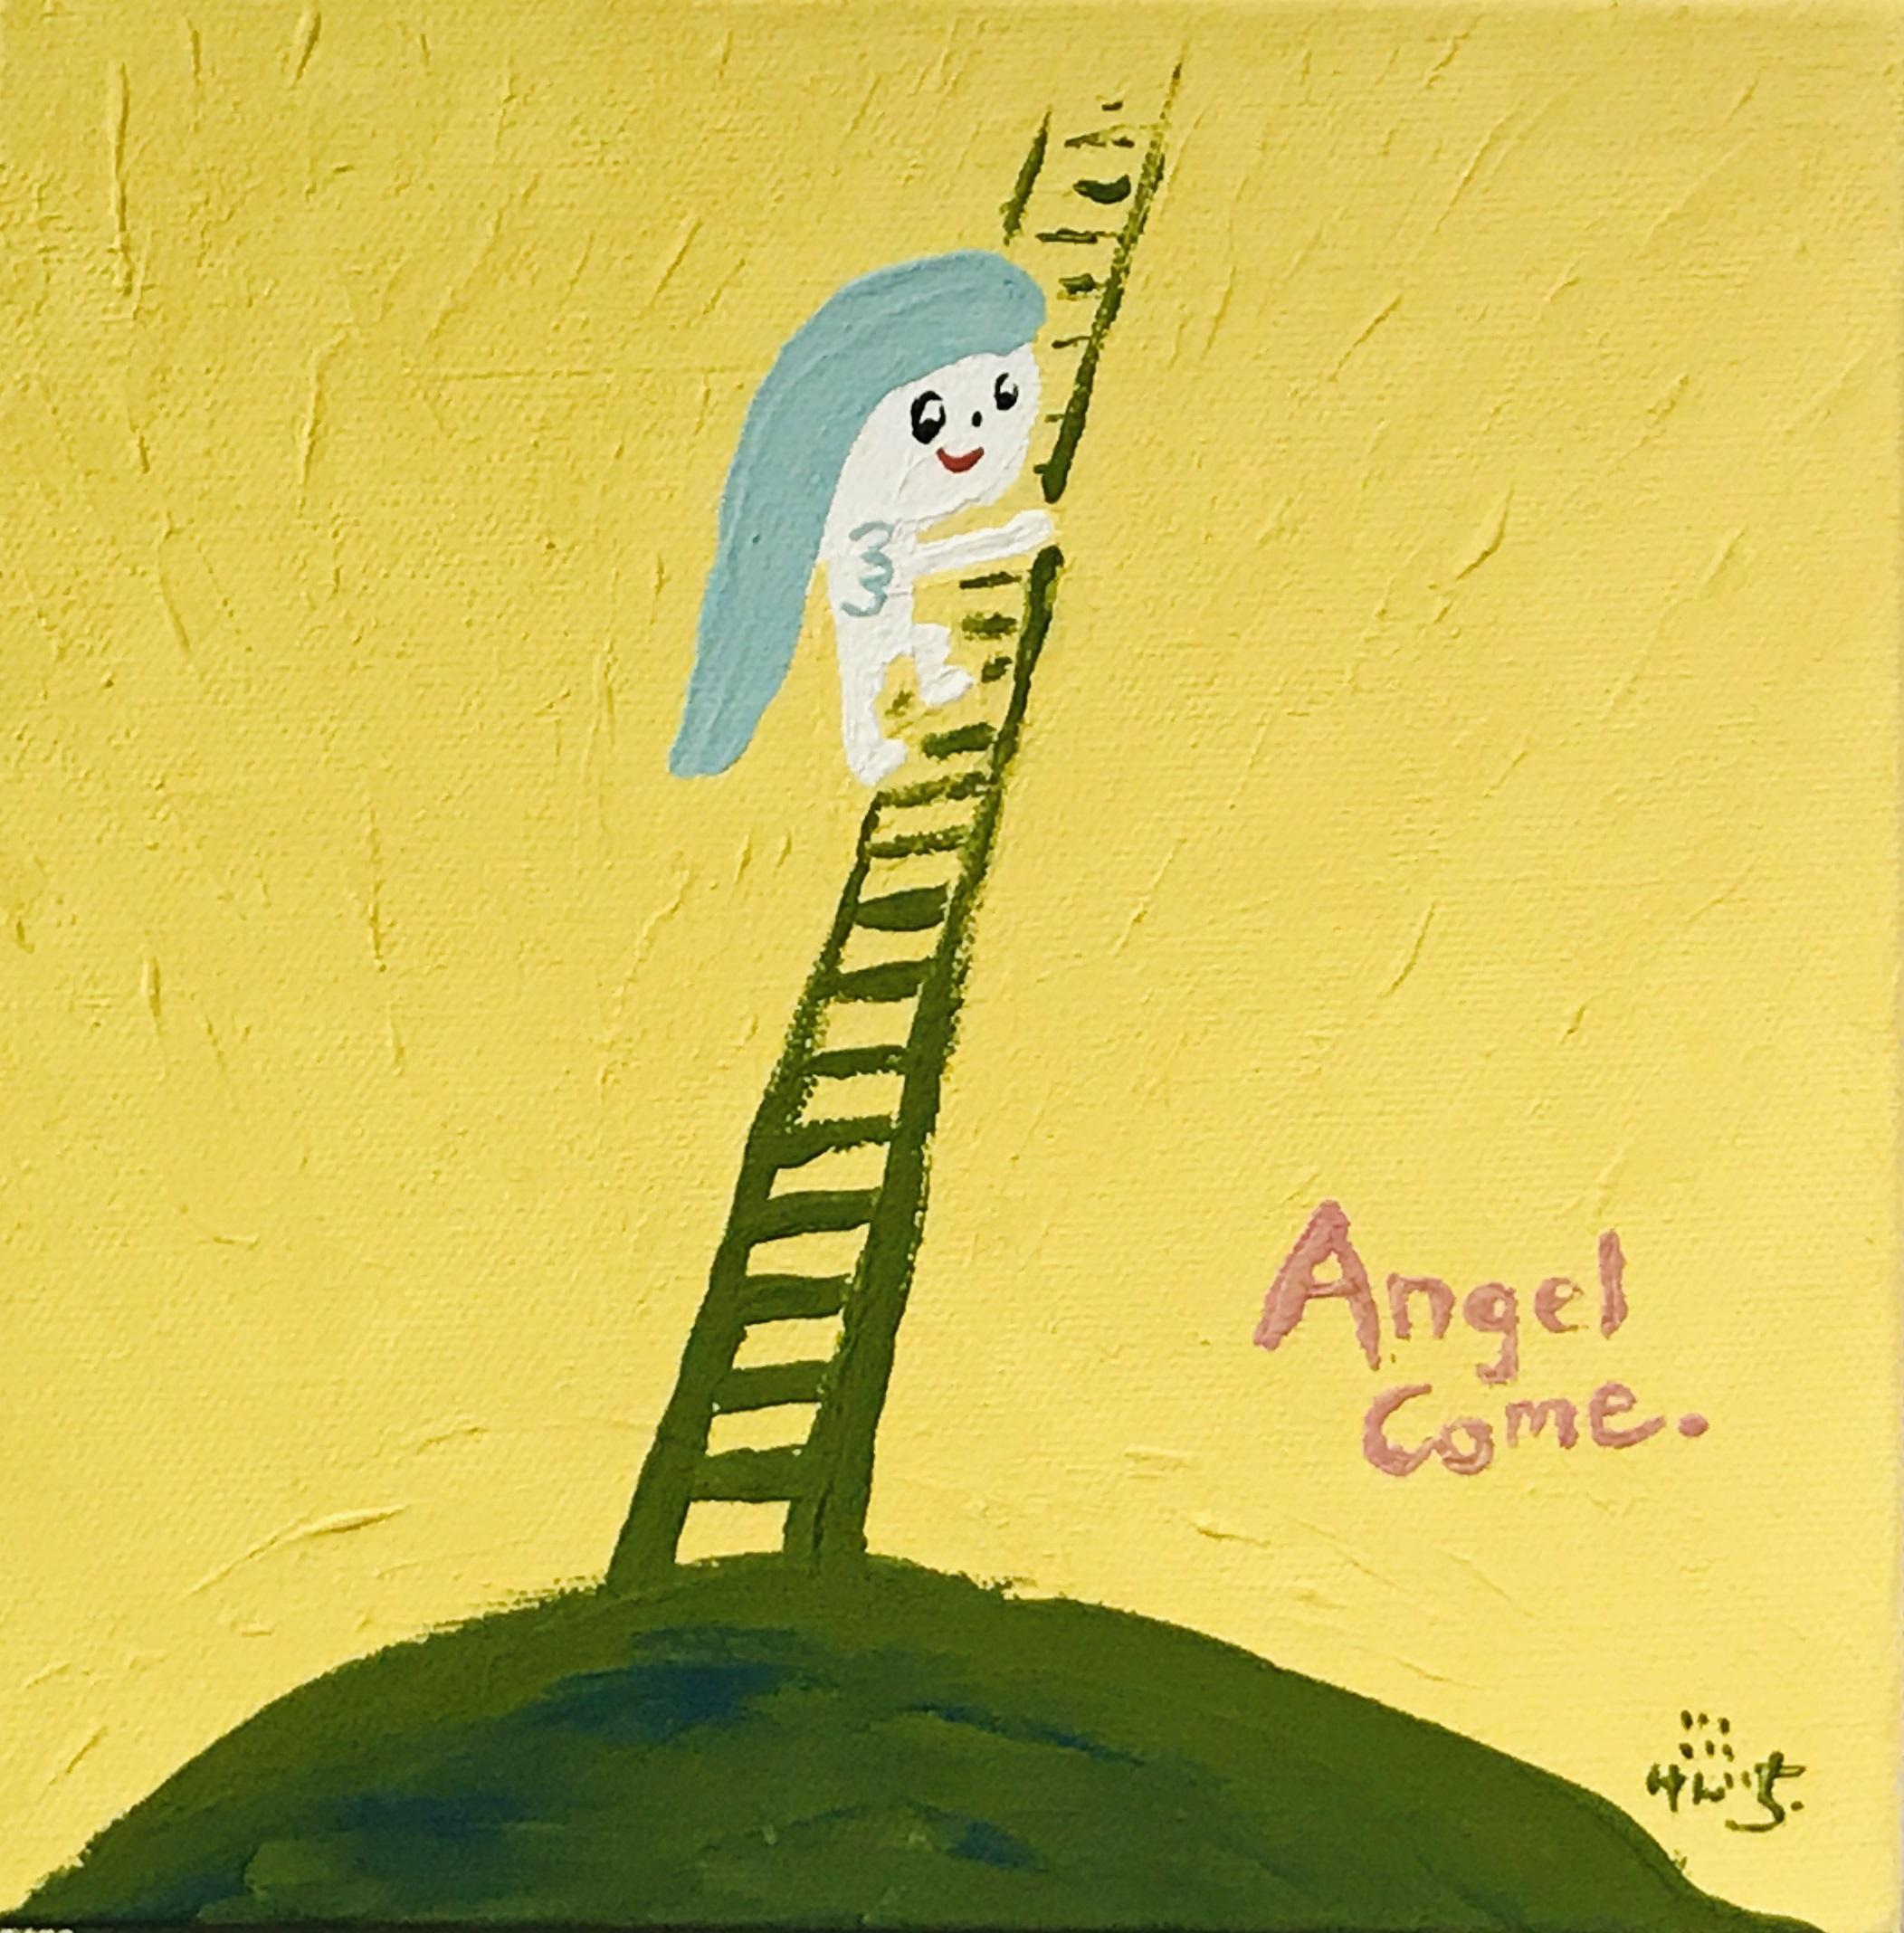 小川 健一 『天使がやってきた』